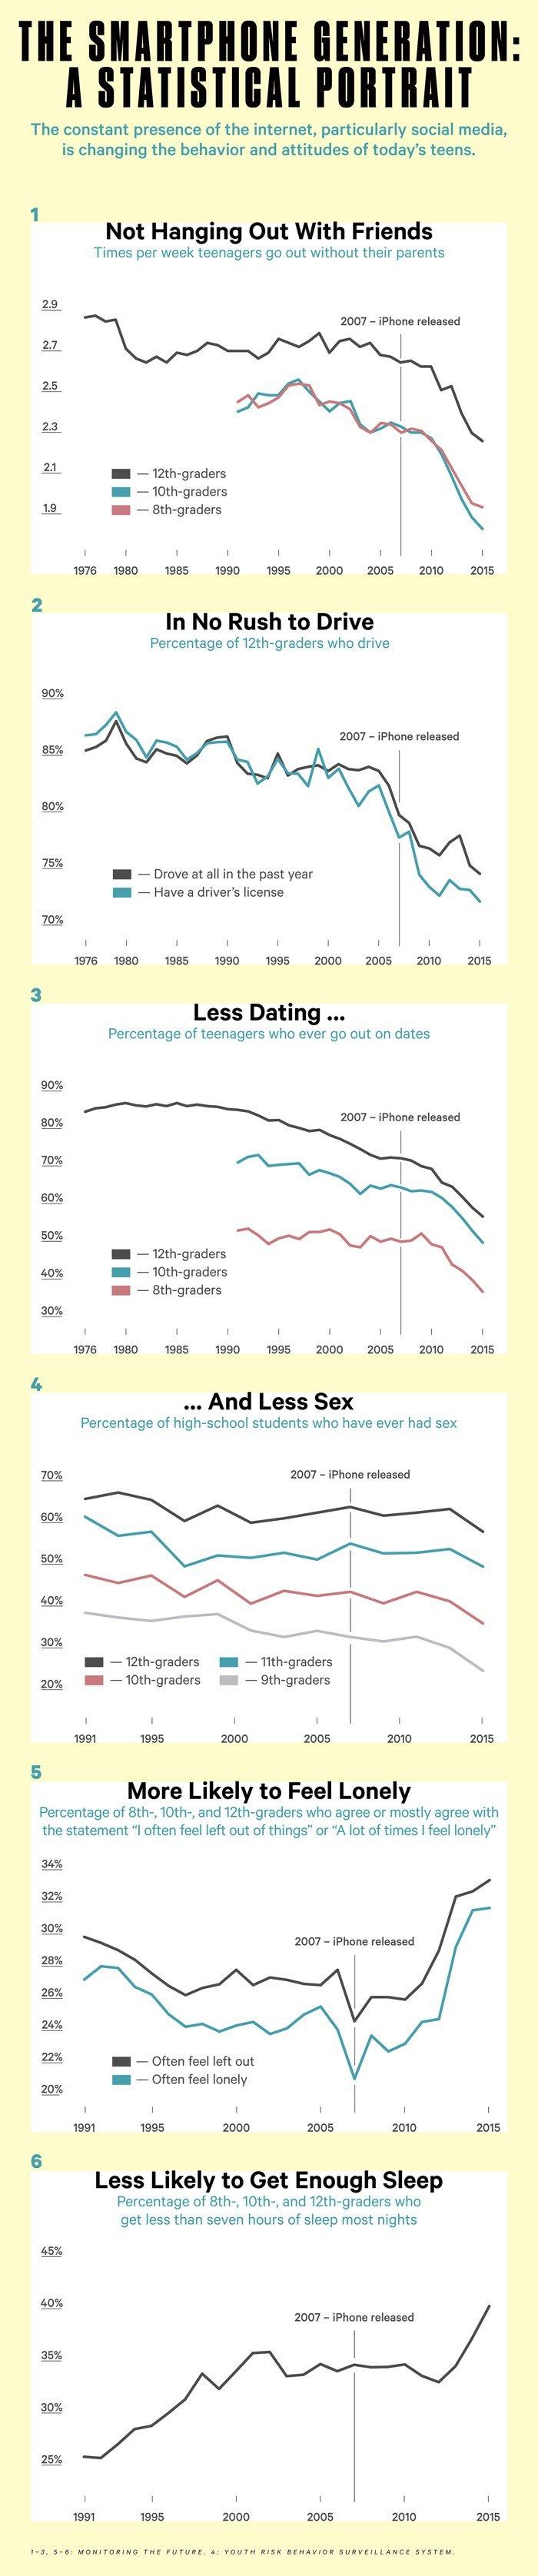 Gli smartphone stanno distruggendo un'intera generazione (1)